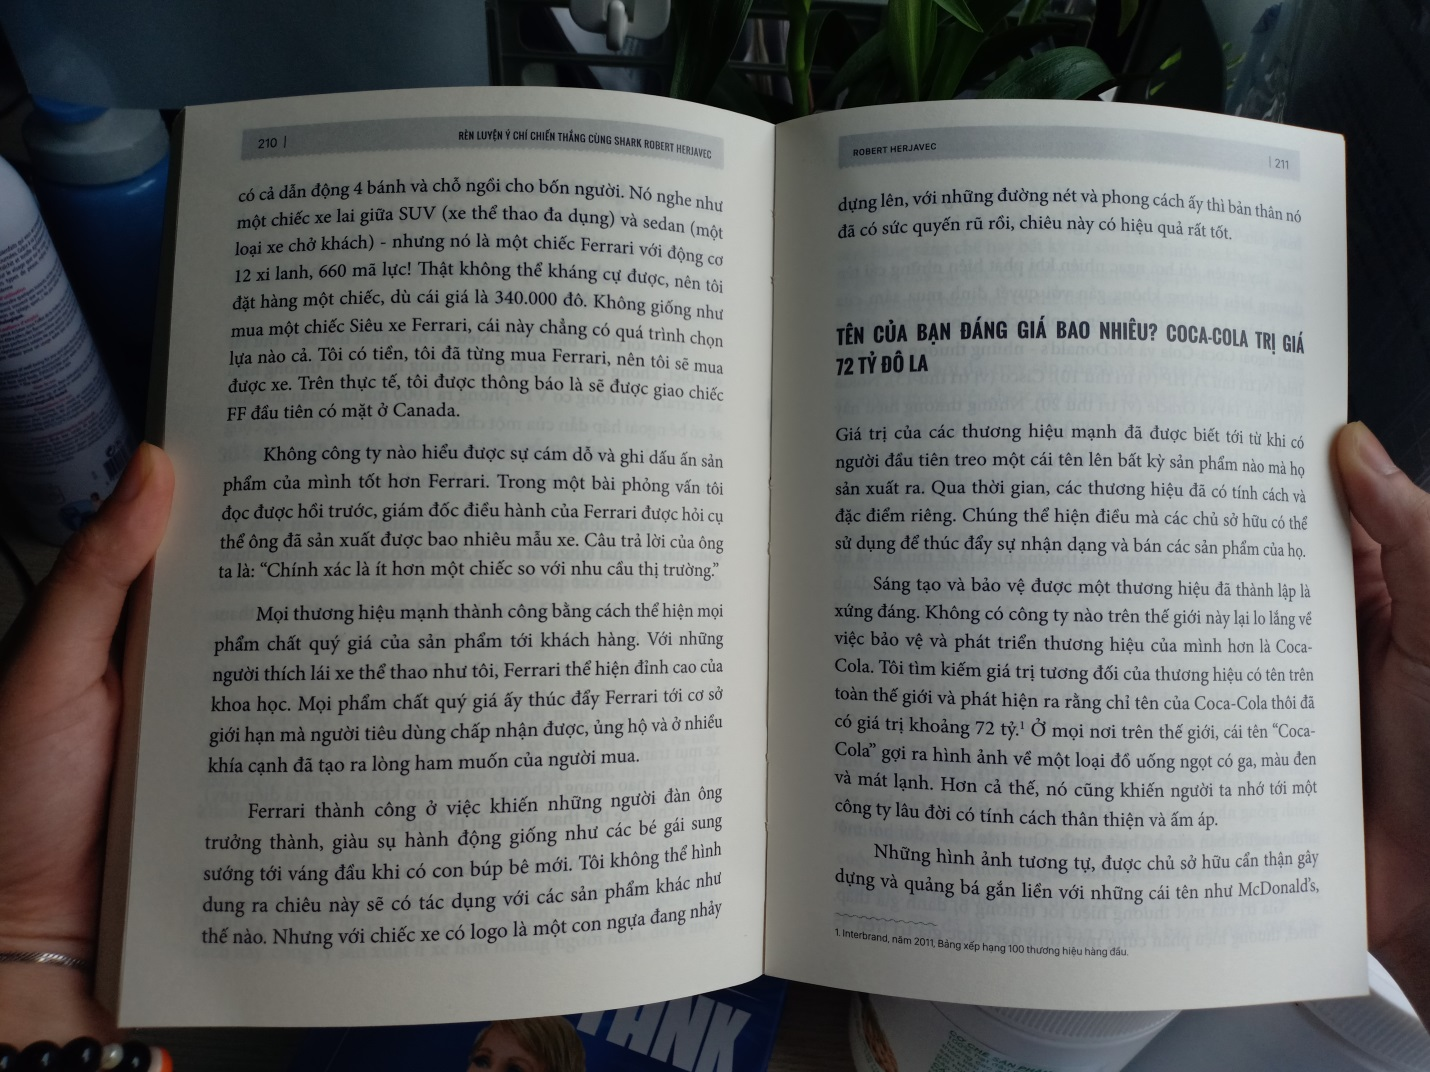 Shark Hưng: Từ review thú vị về bộ sách America Shark Tank đến lời khuyên start up thực tế - Ảnh 4.